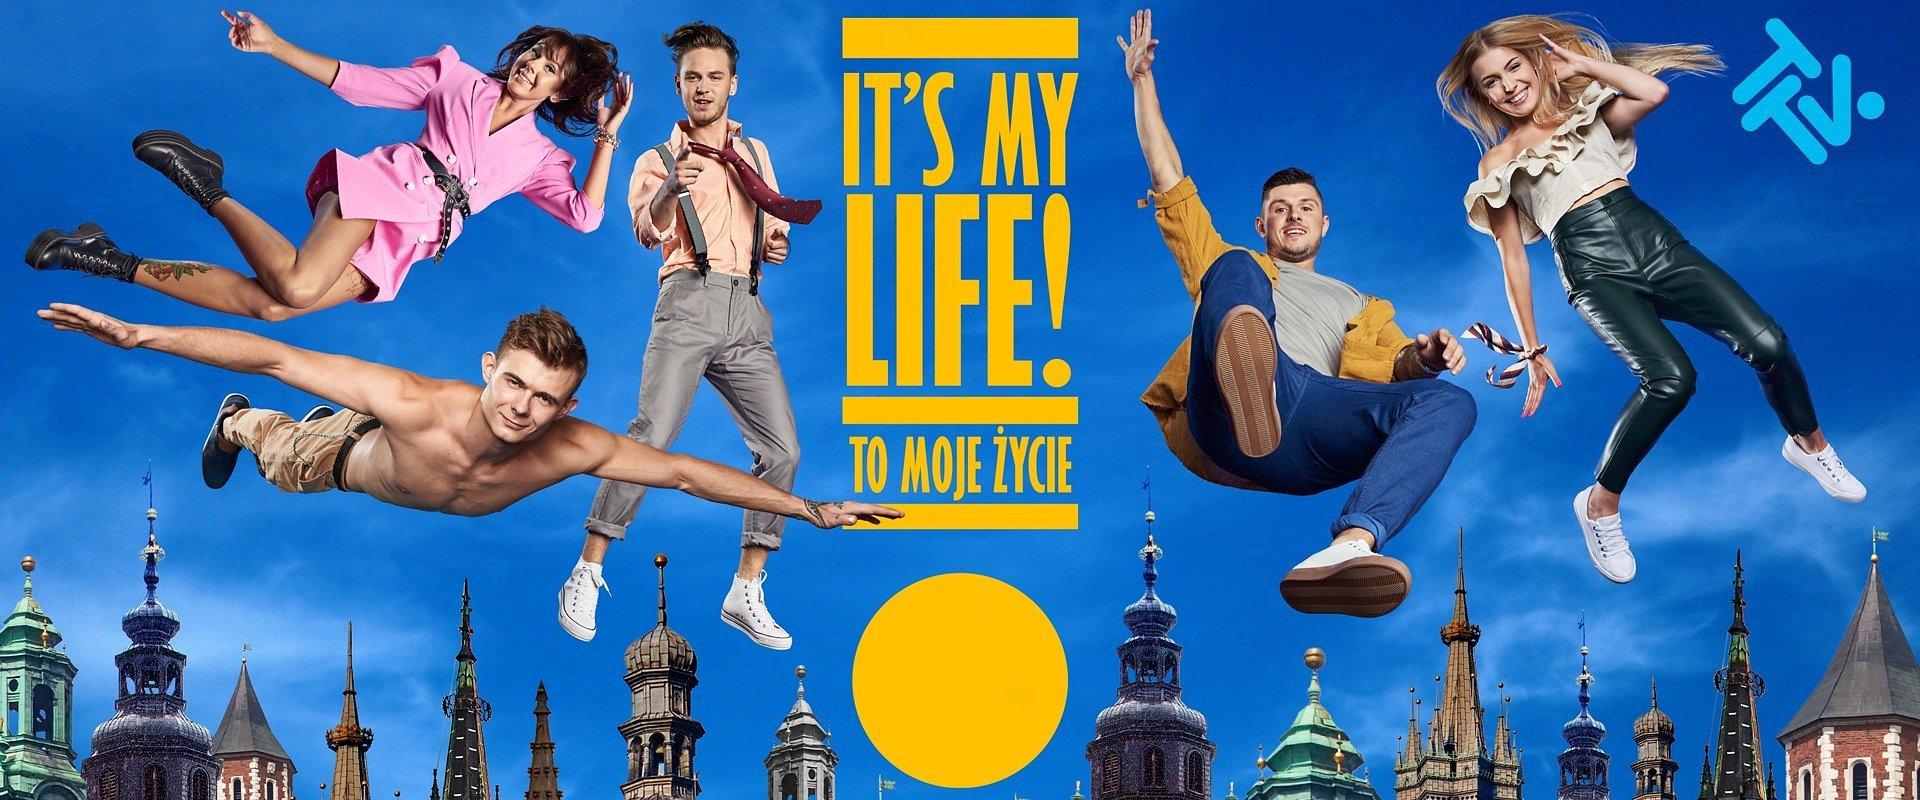 """Kim są Arek, Mateusz, Alona, Justyna oraz Patryk? Uczestników """"It's my life! To moje życie"""" widzowie poznają już dziś o godz. 22:00 na antenie TTV!"""